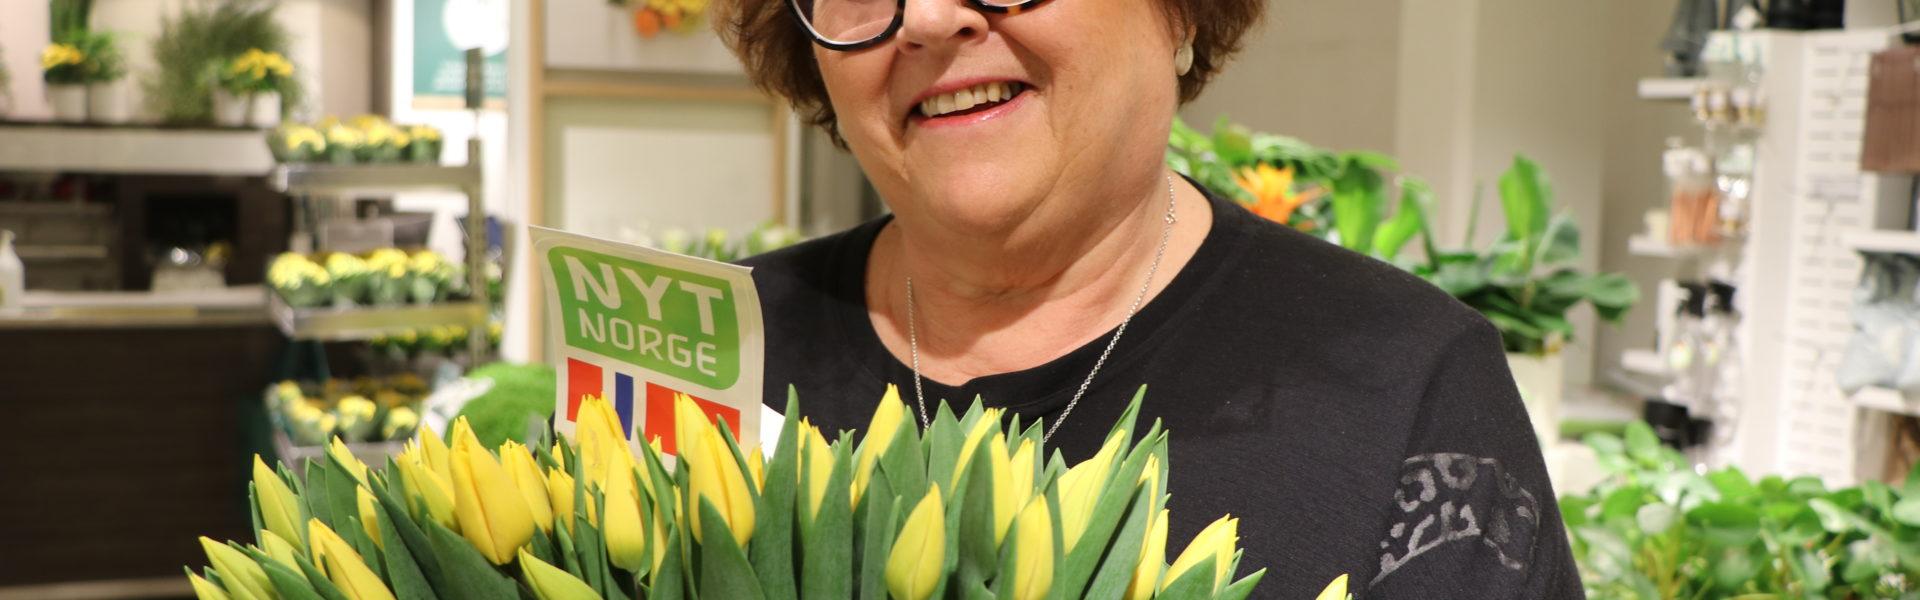 Nyt Norge for blomster og planter